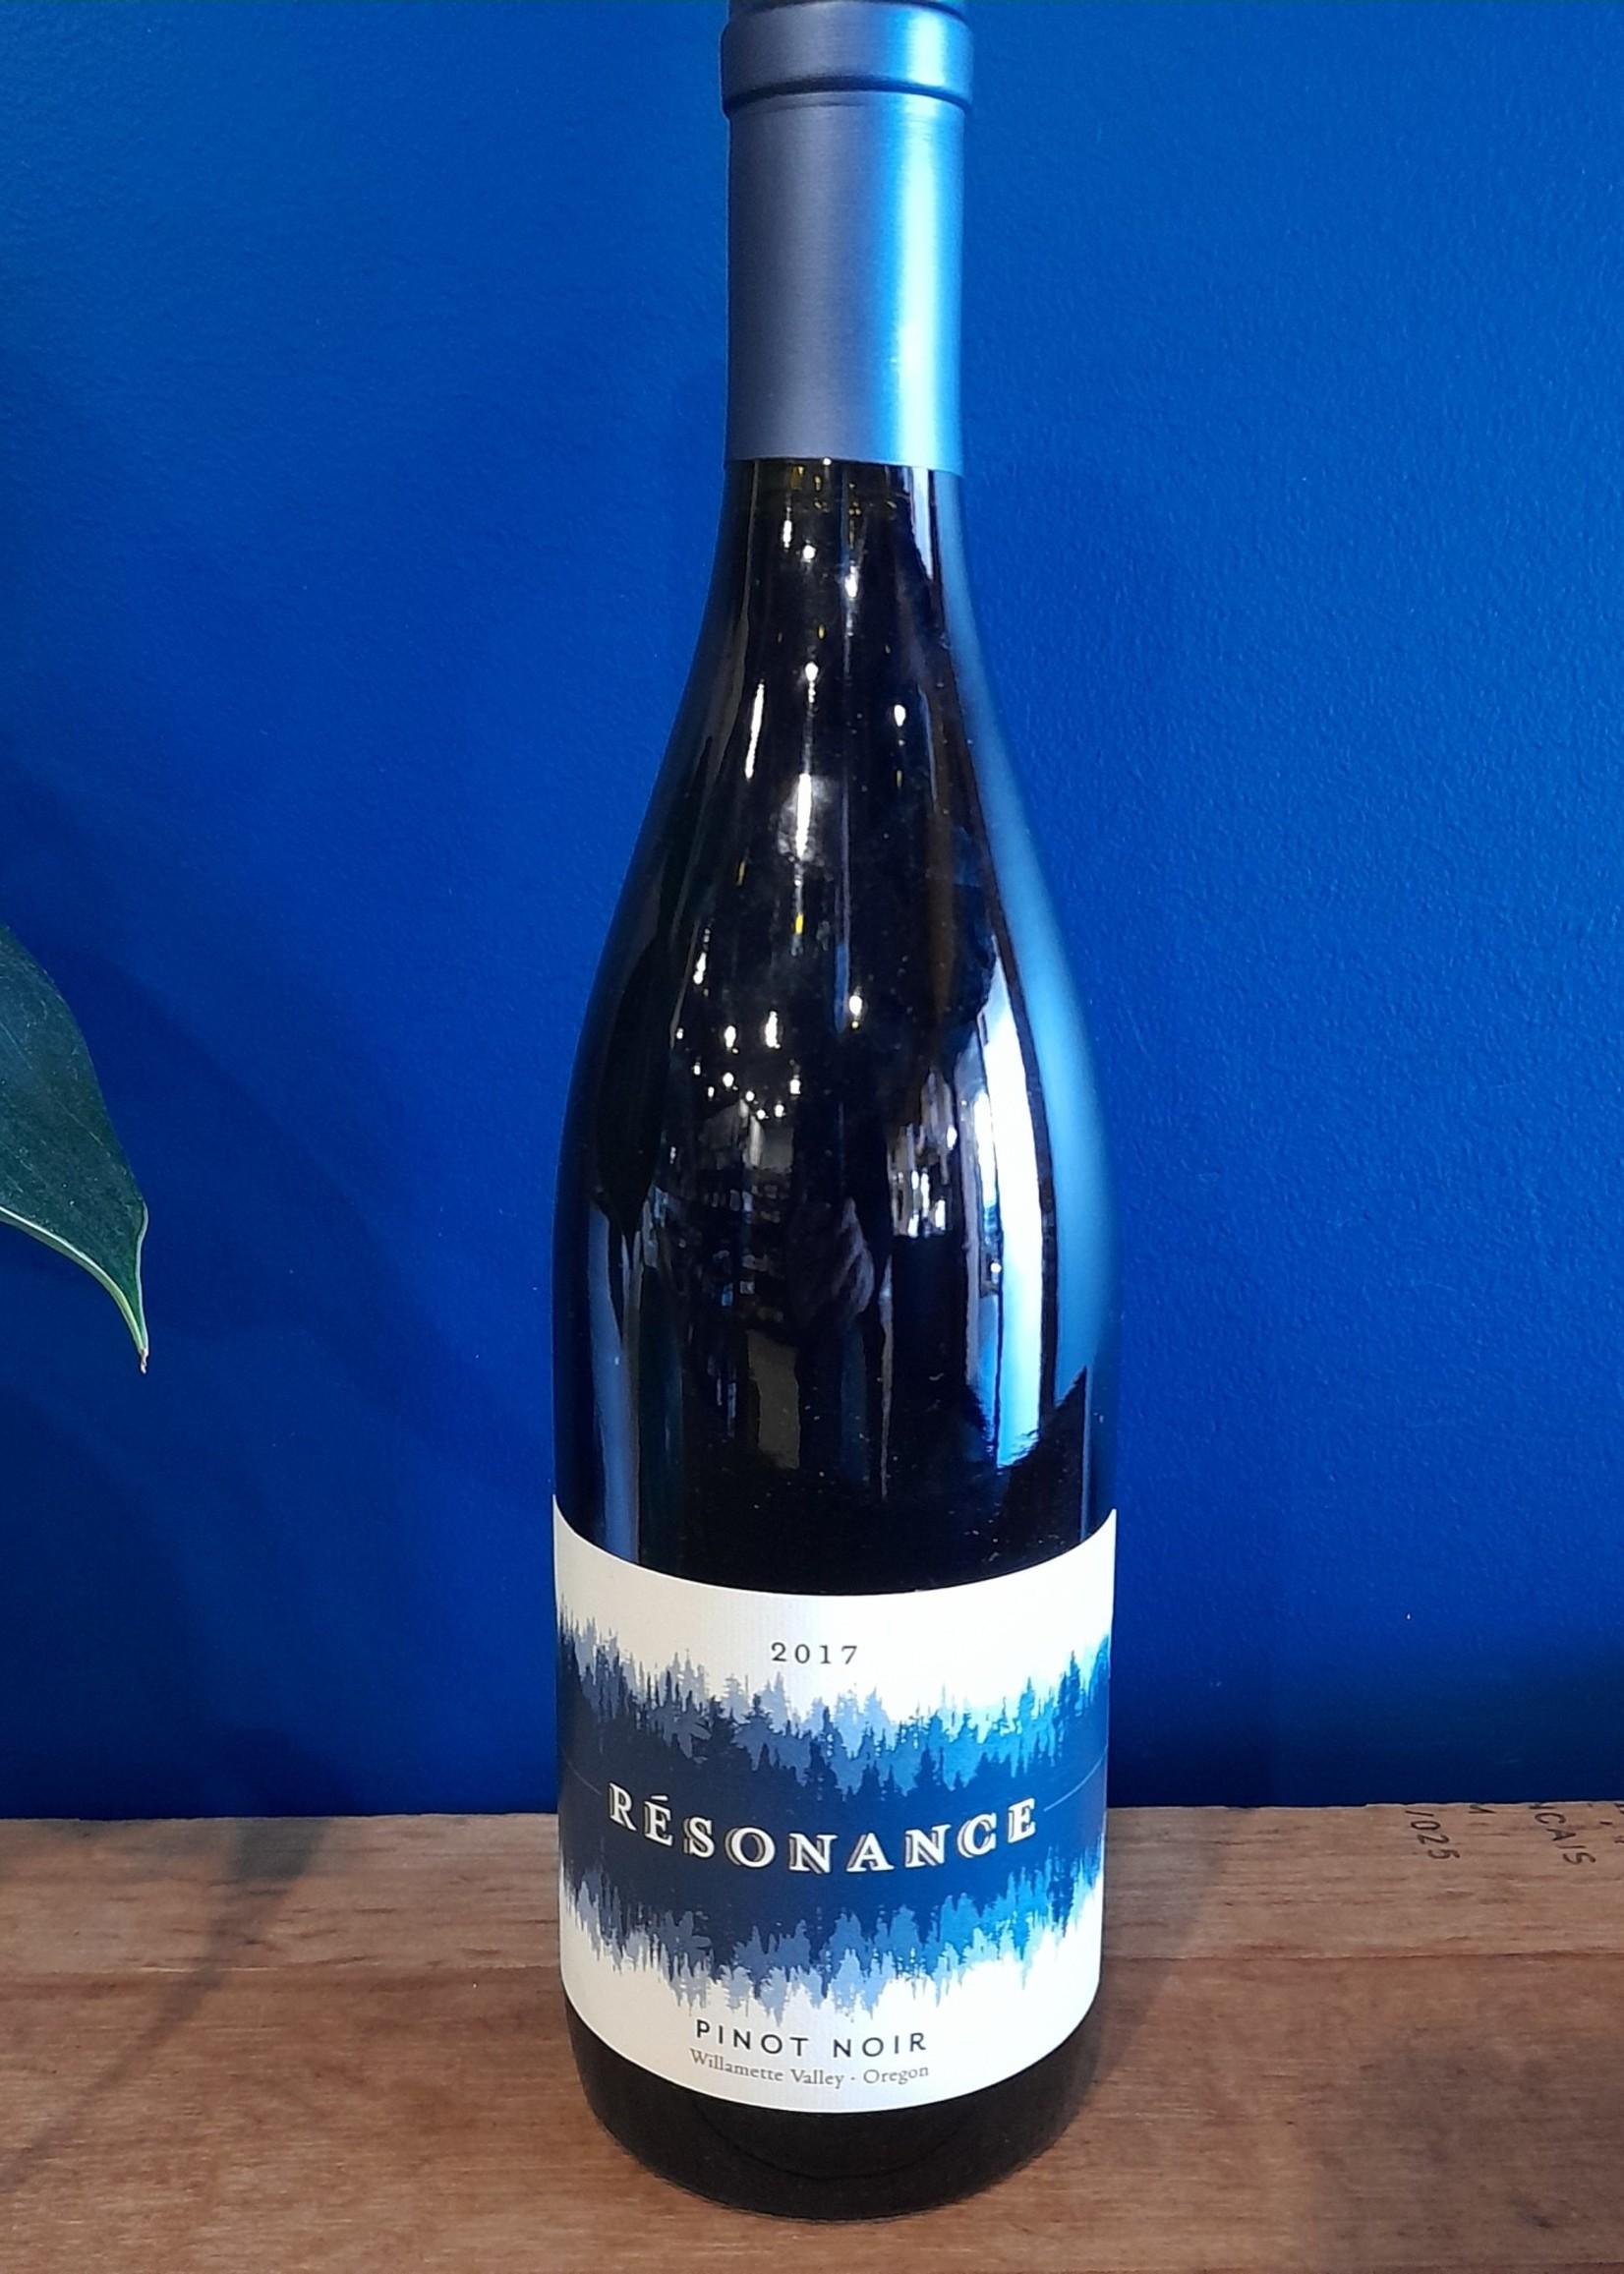 Resonance Resonance Pinot Noir 2017